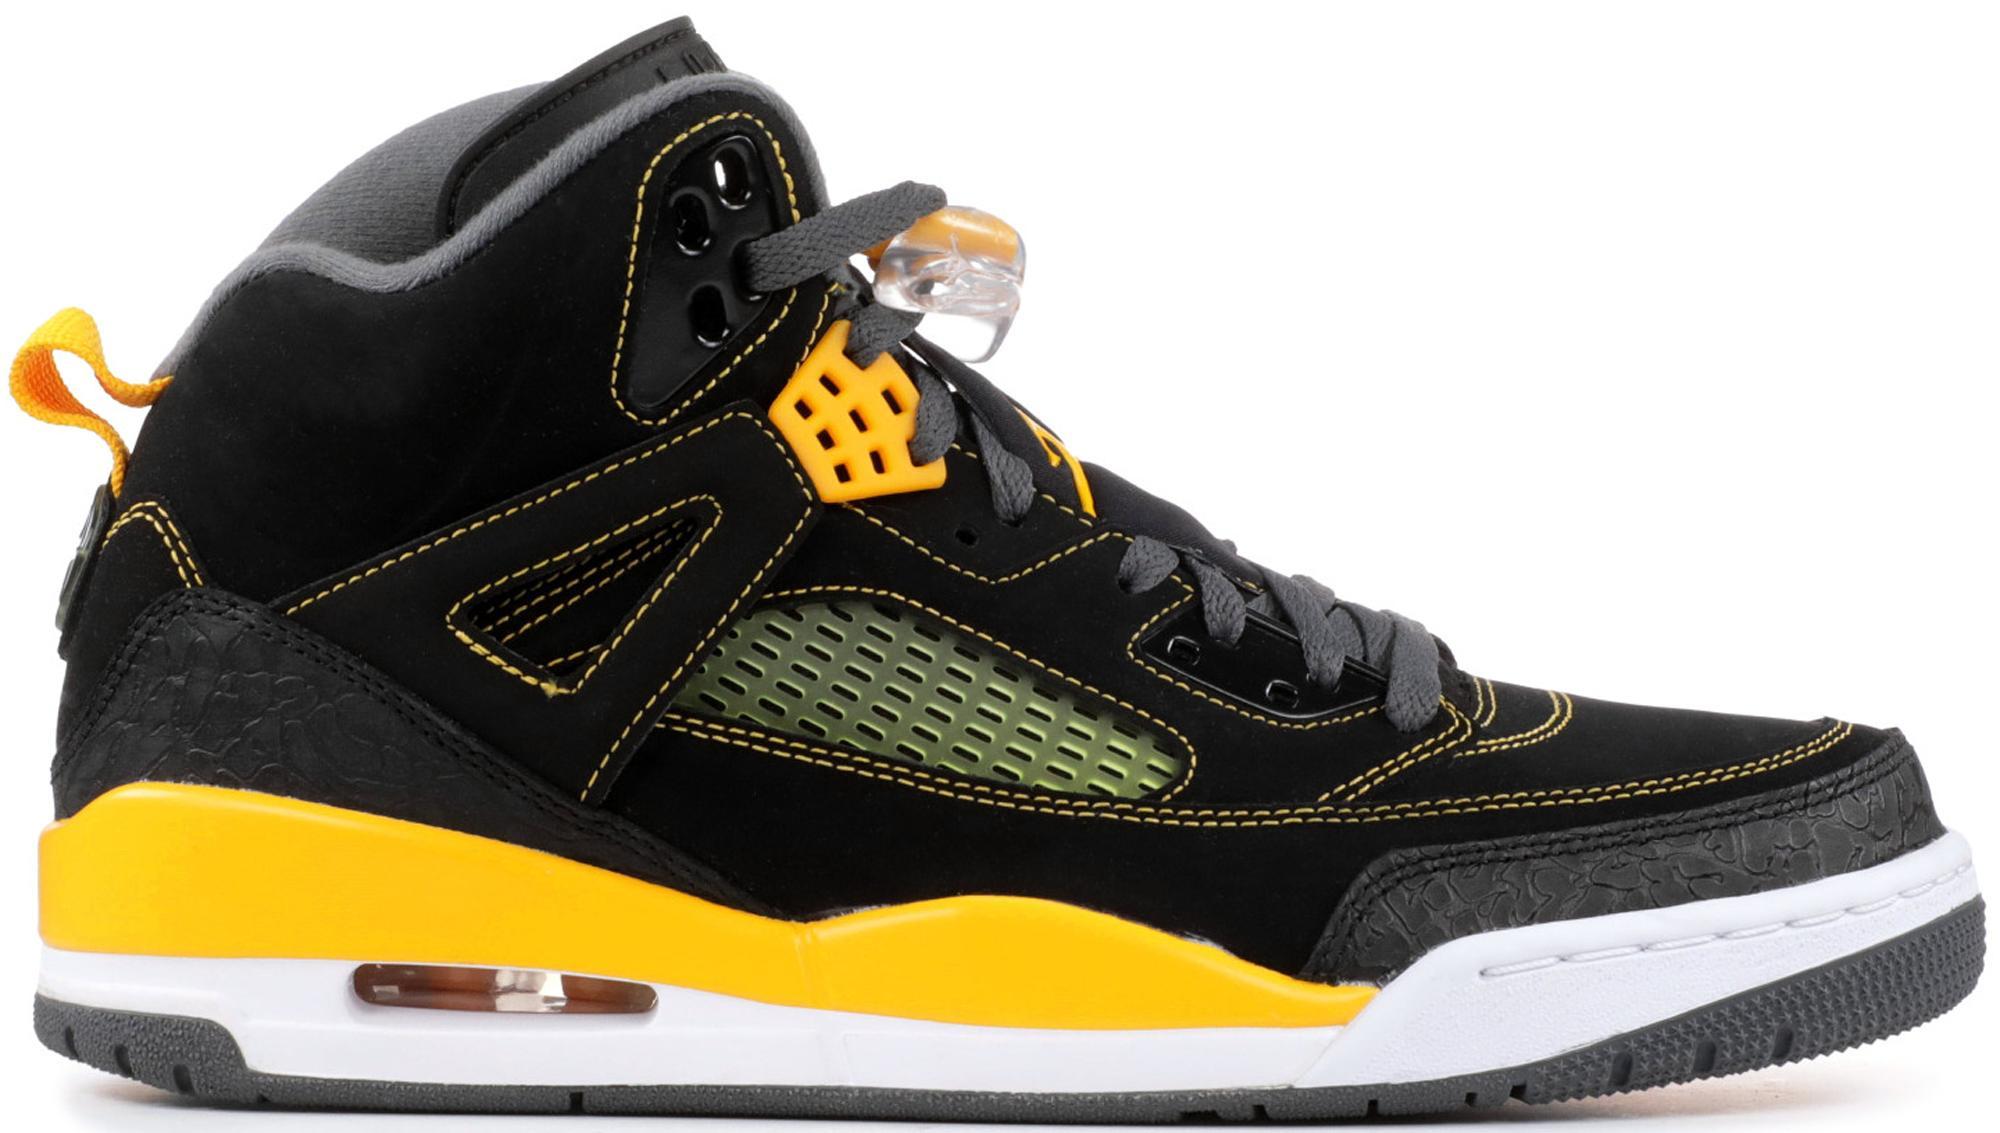 Lyst - Nike Spiz ike Black University Gold in Black for Men 681948d04f4d